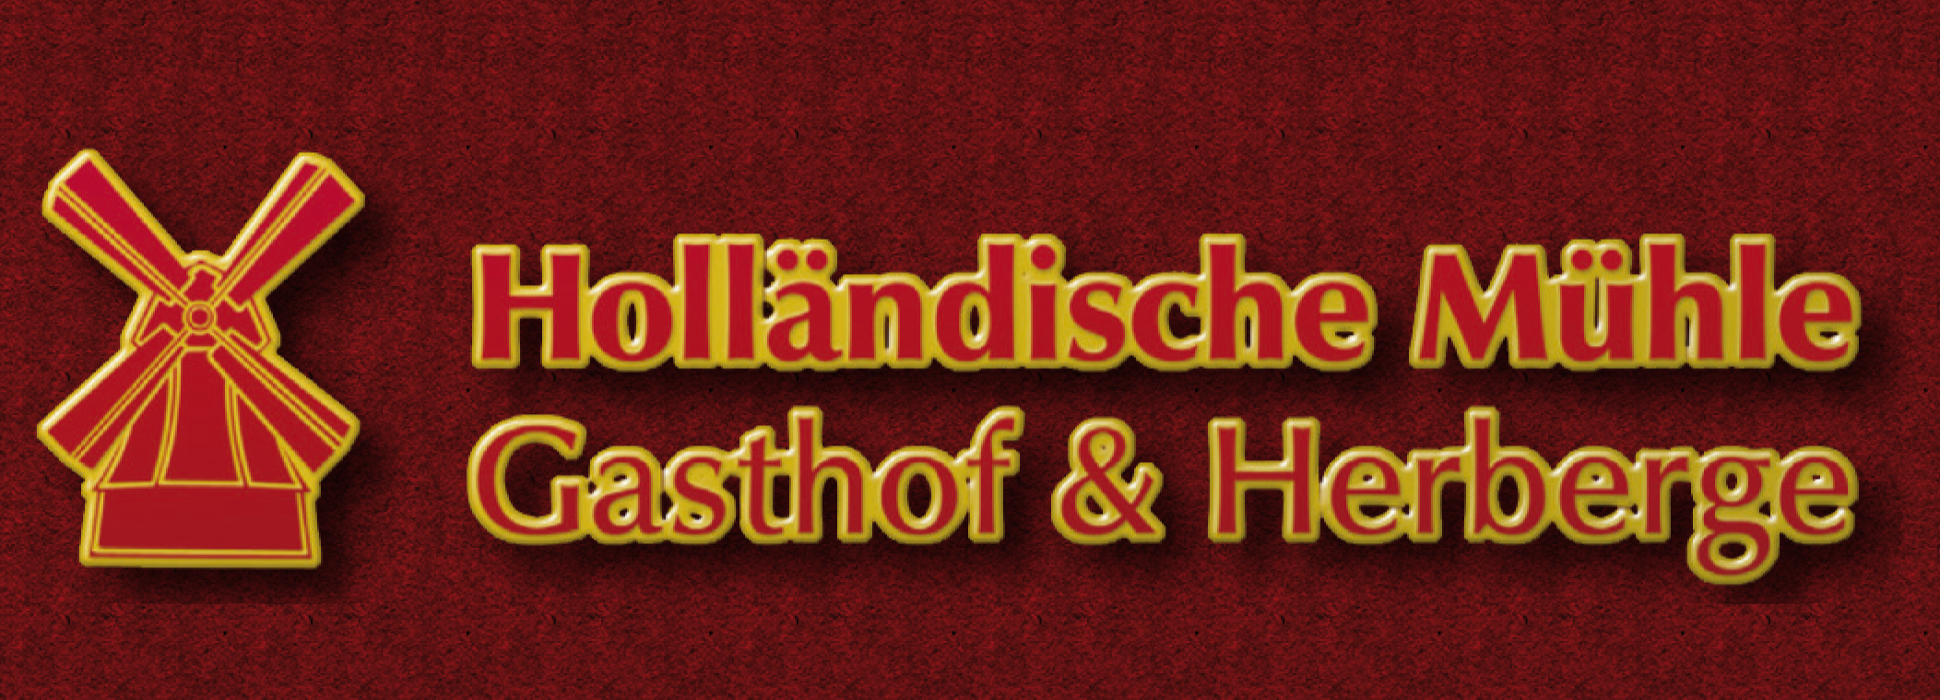 Bild zu Gasthof Holländische Mühle in Schkeuditz